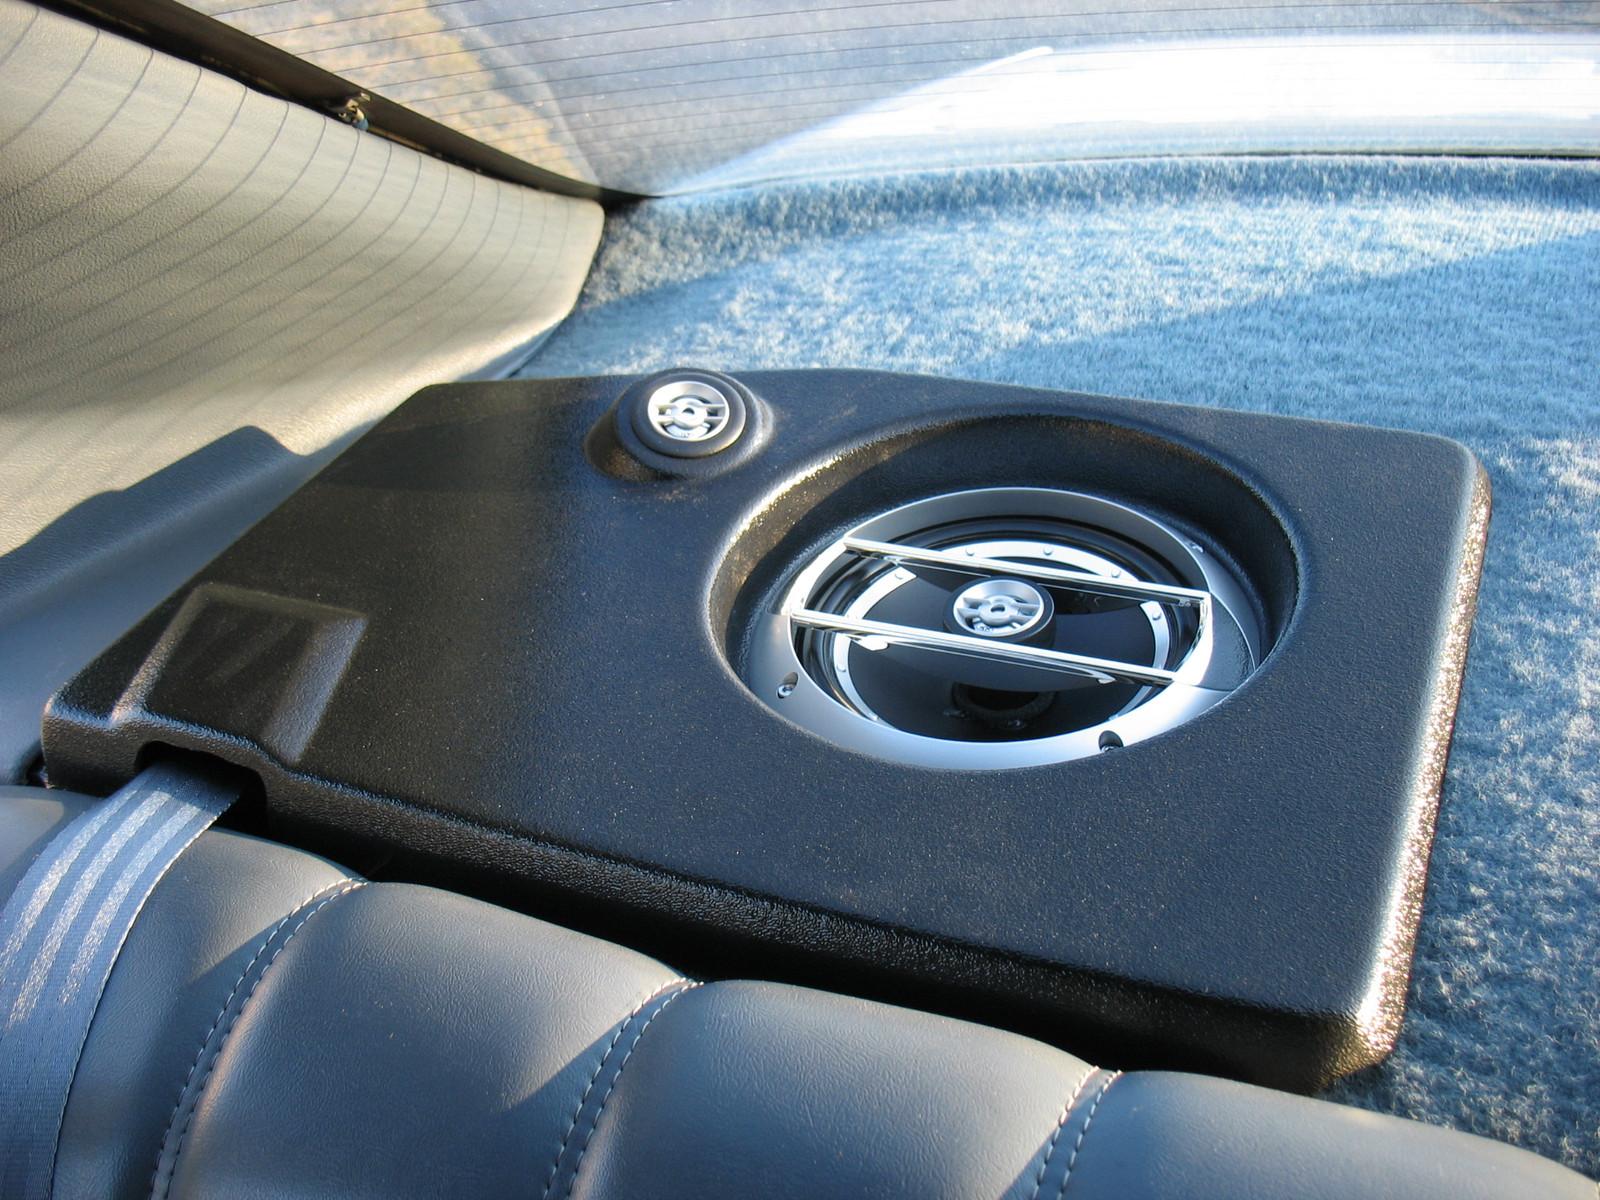 Custom Speaker Pods Car Stereo Installation 92 96 Impala Rear Deck